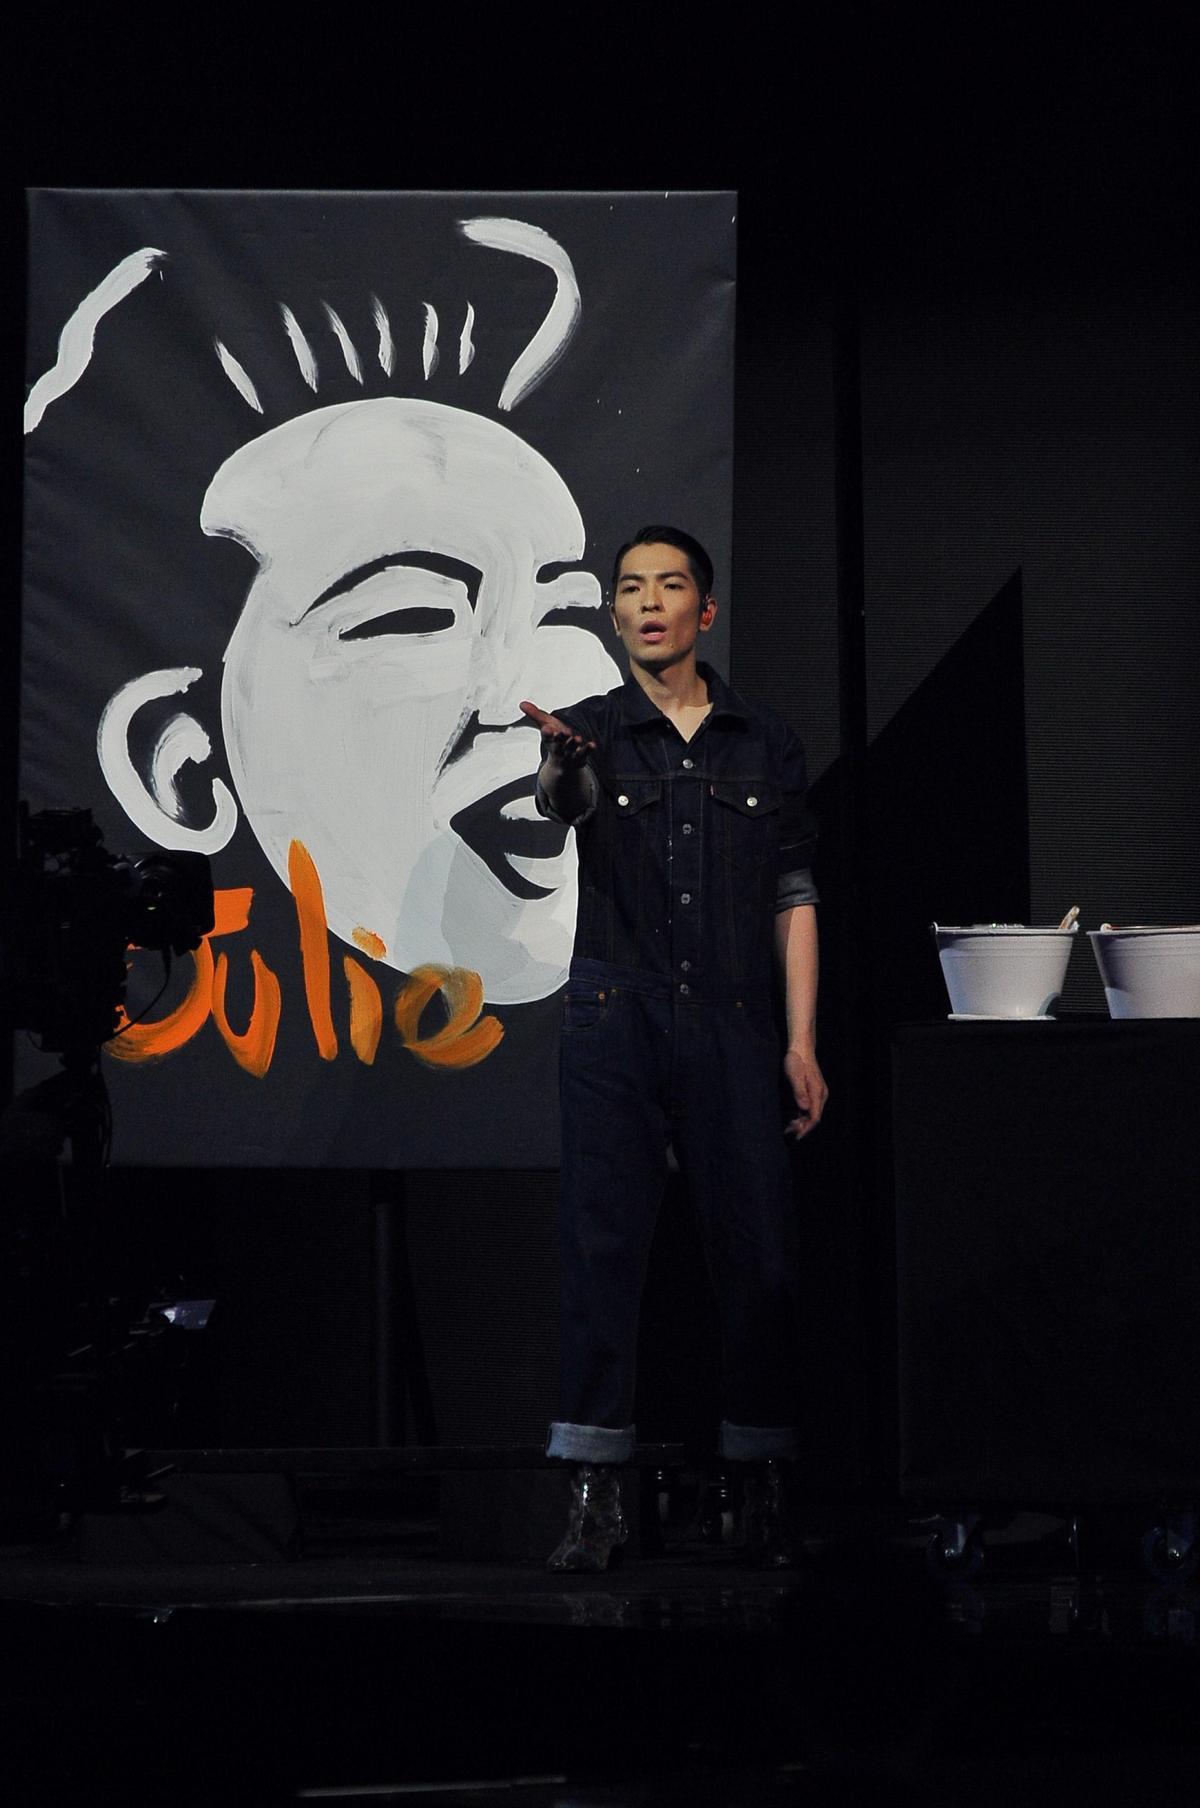 蕭敬騰在典禮上現場畫出歌后蘇芮的畫像,多才多藝令人讚嘆不已。 (台視提供)